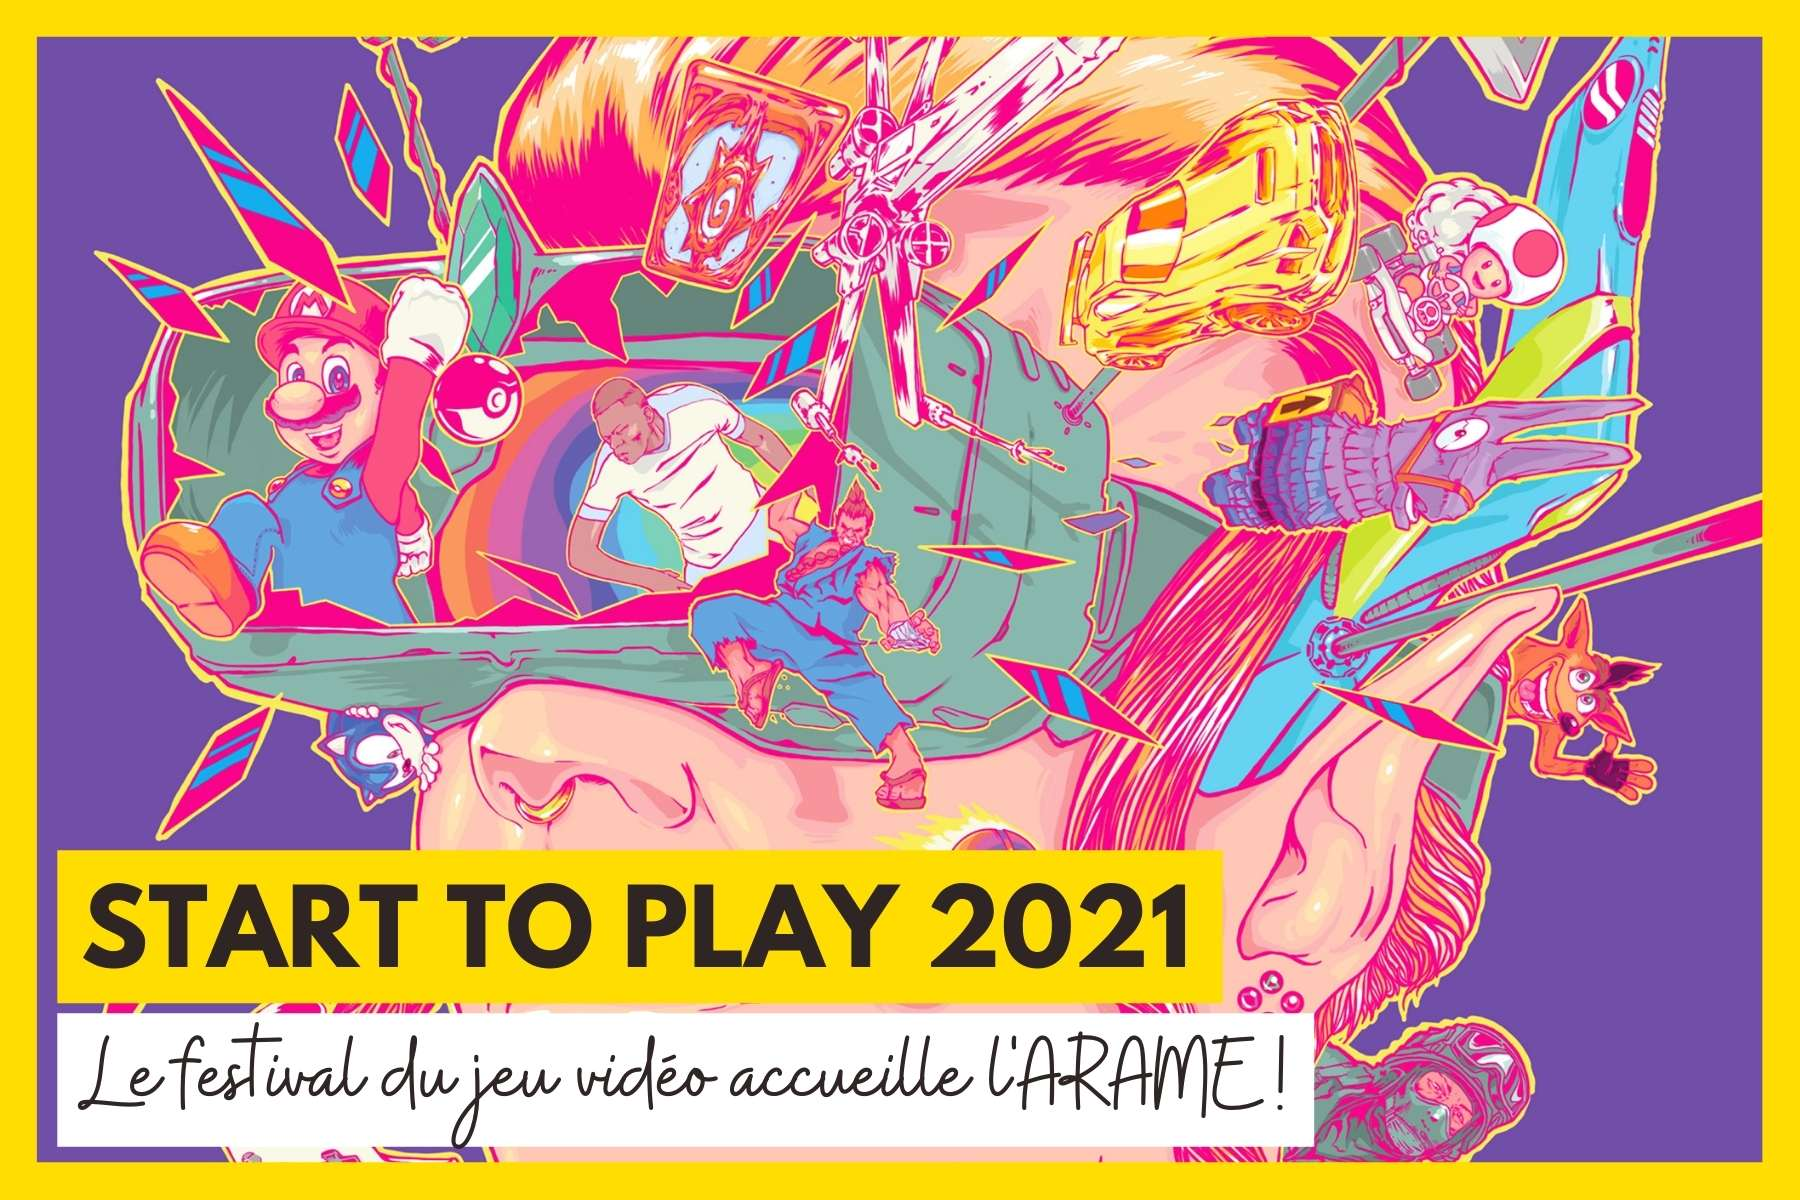 Le festival du jeu vidéo à Strasbourg accueille l'association ARAME